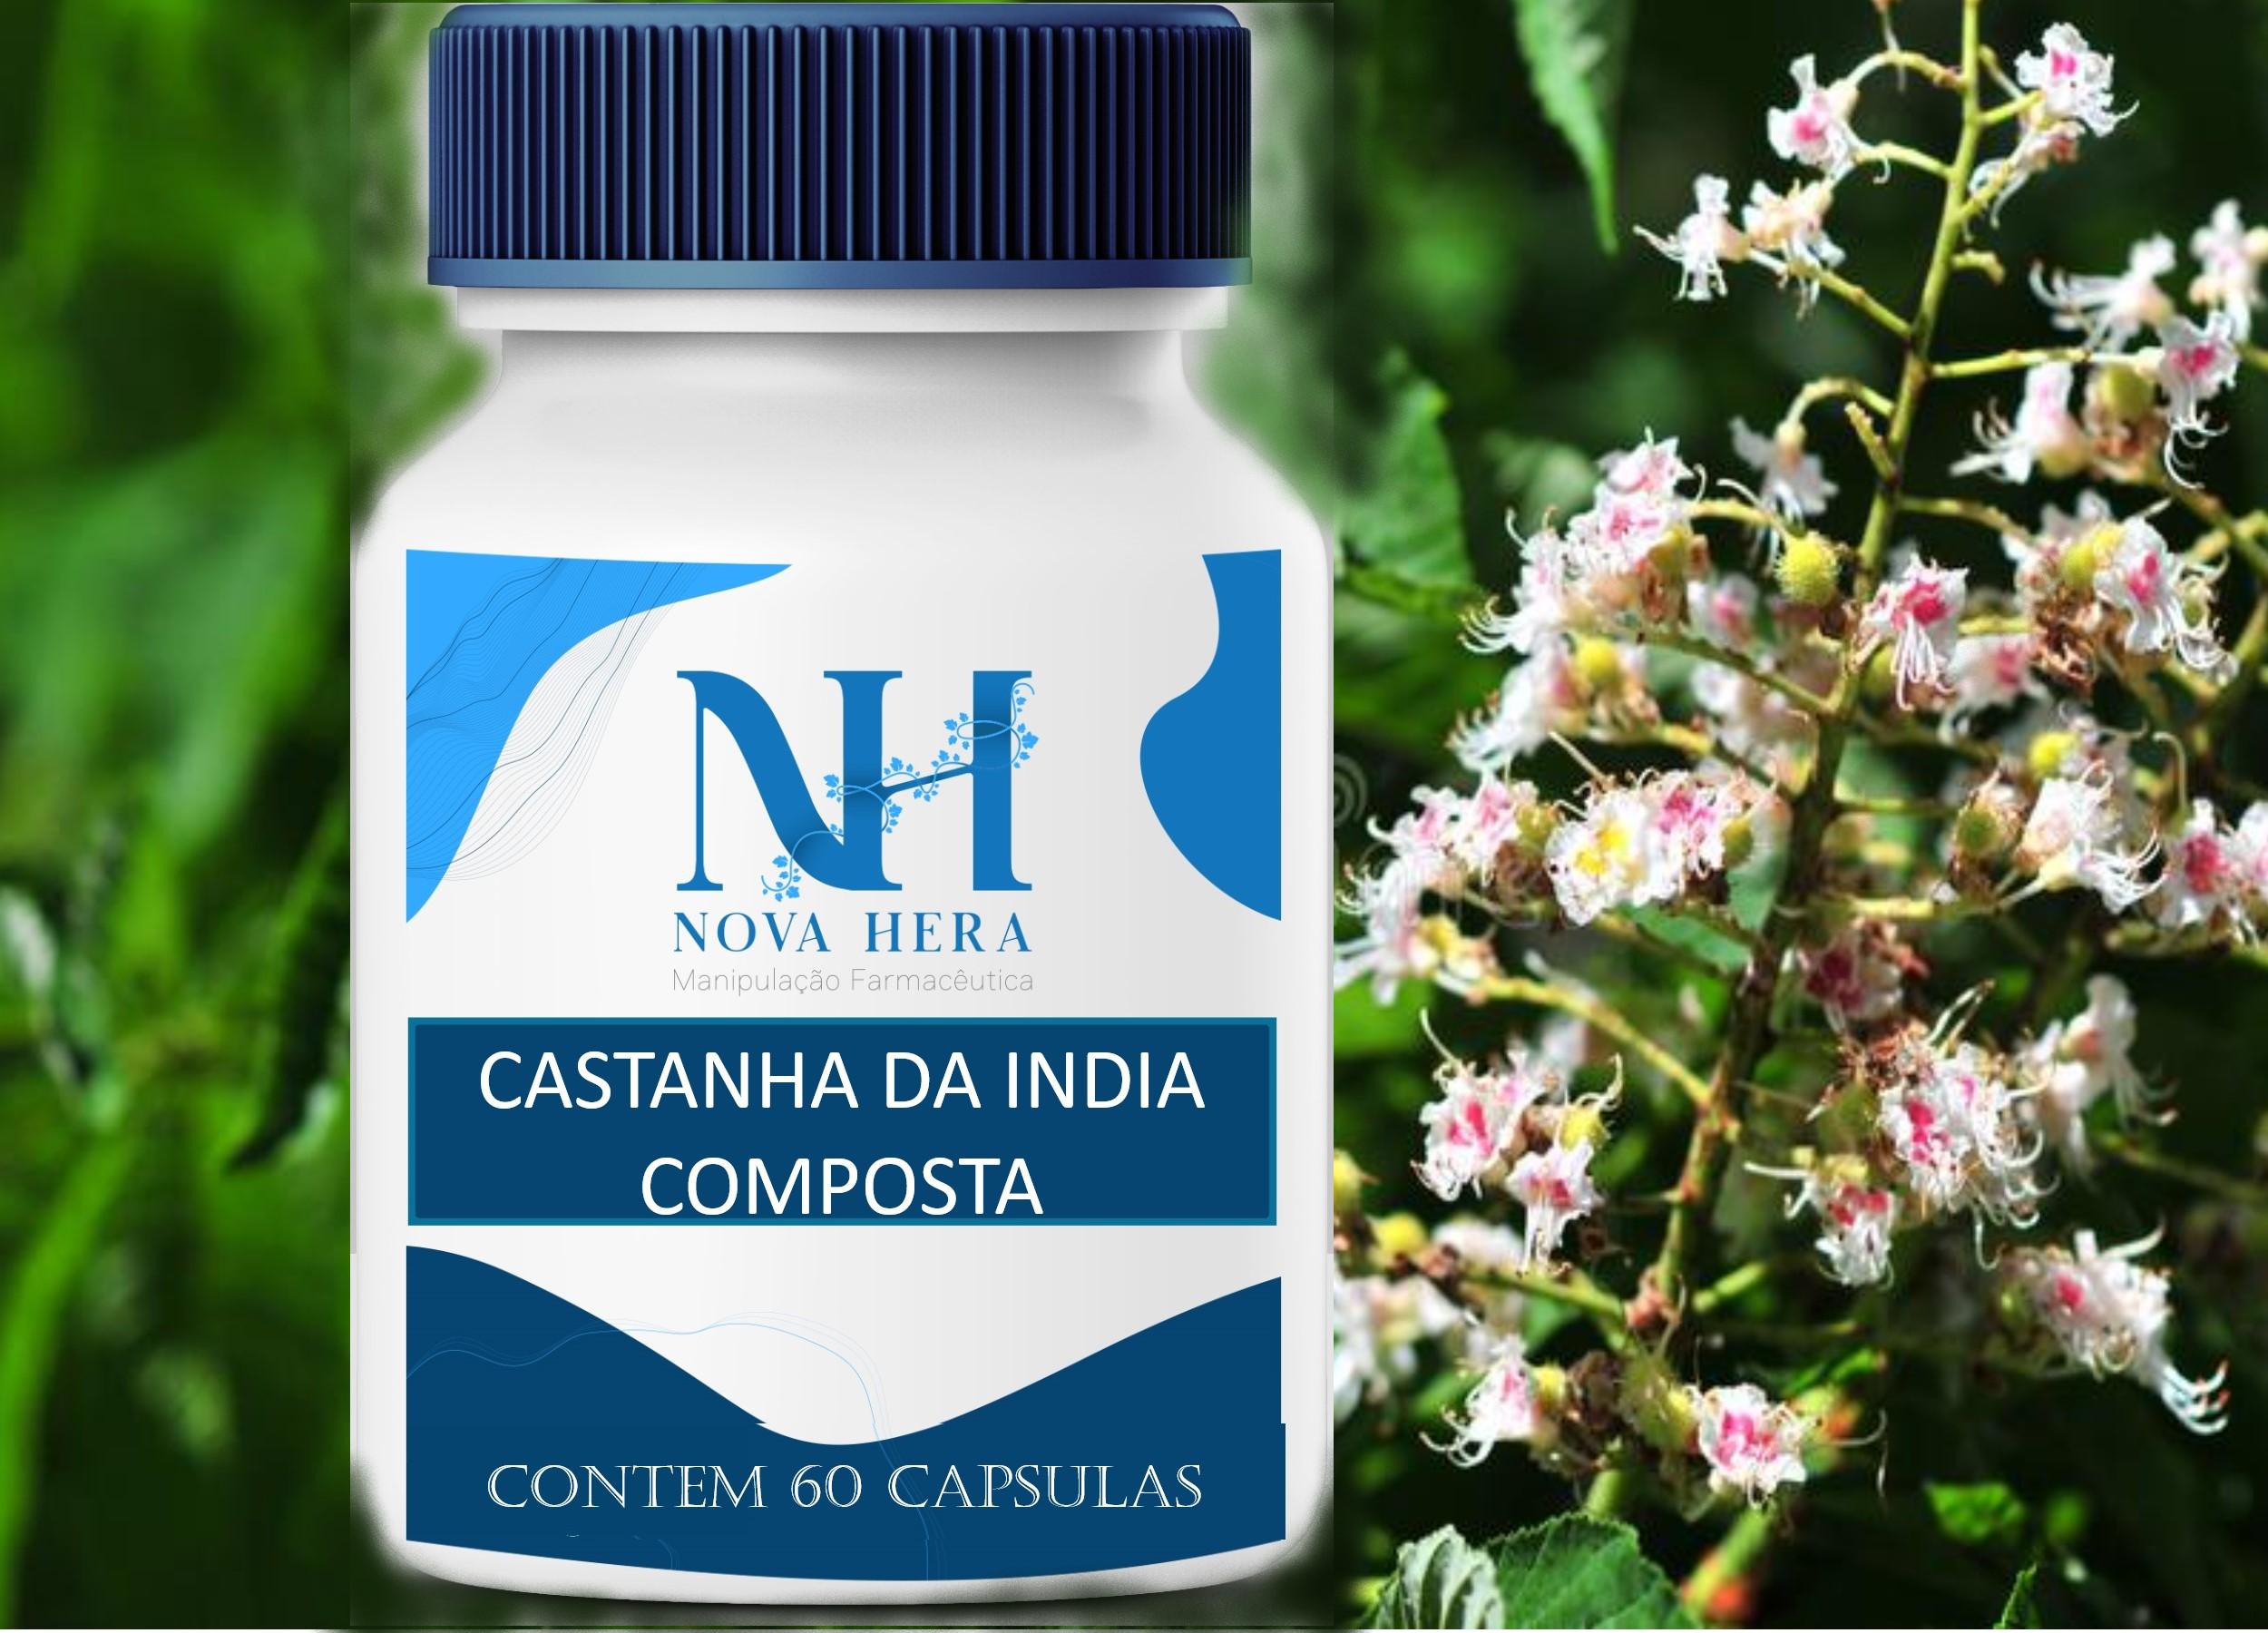 https://www.farmacianovahera.com.br/view/_upload/produto/102/1598386613castanha-da-india.jpg